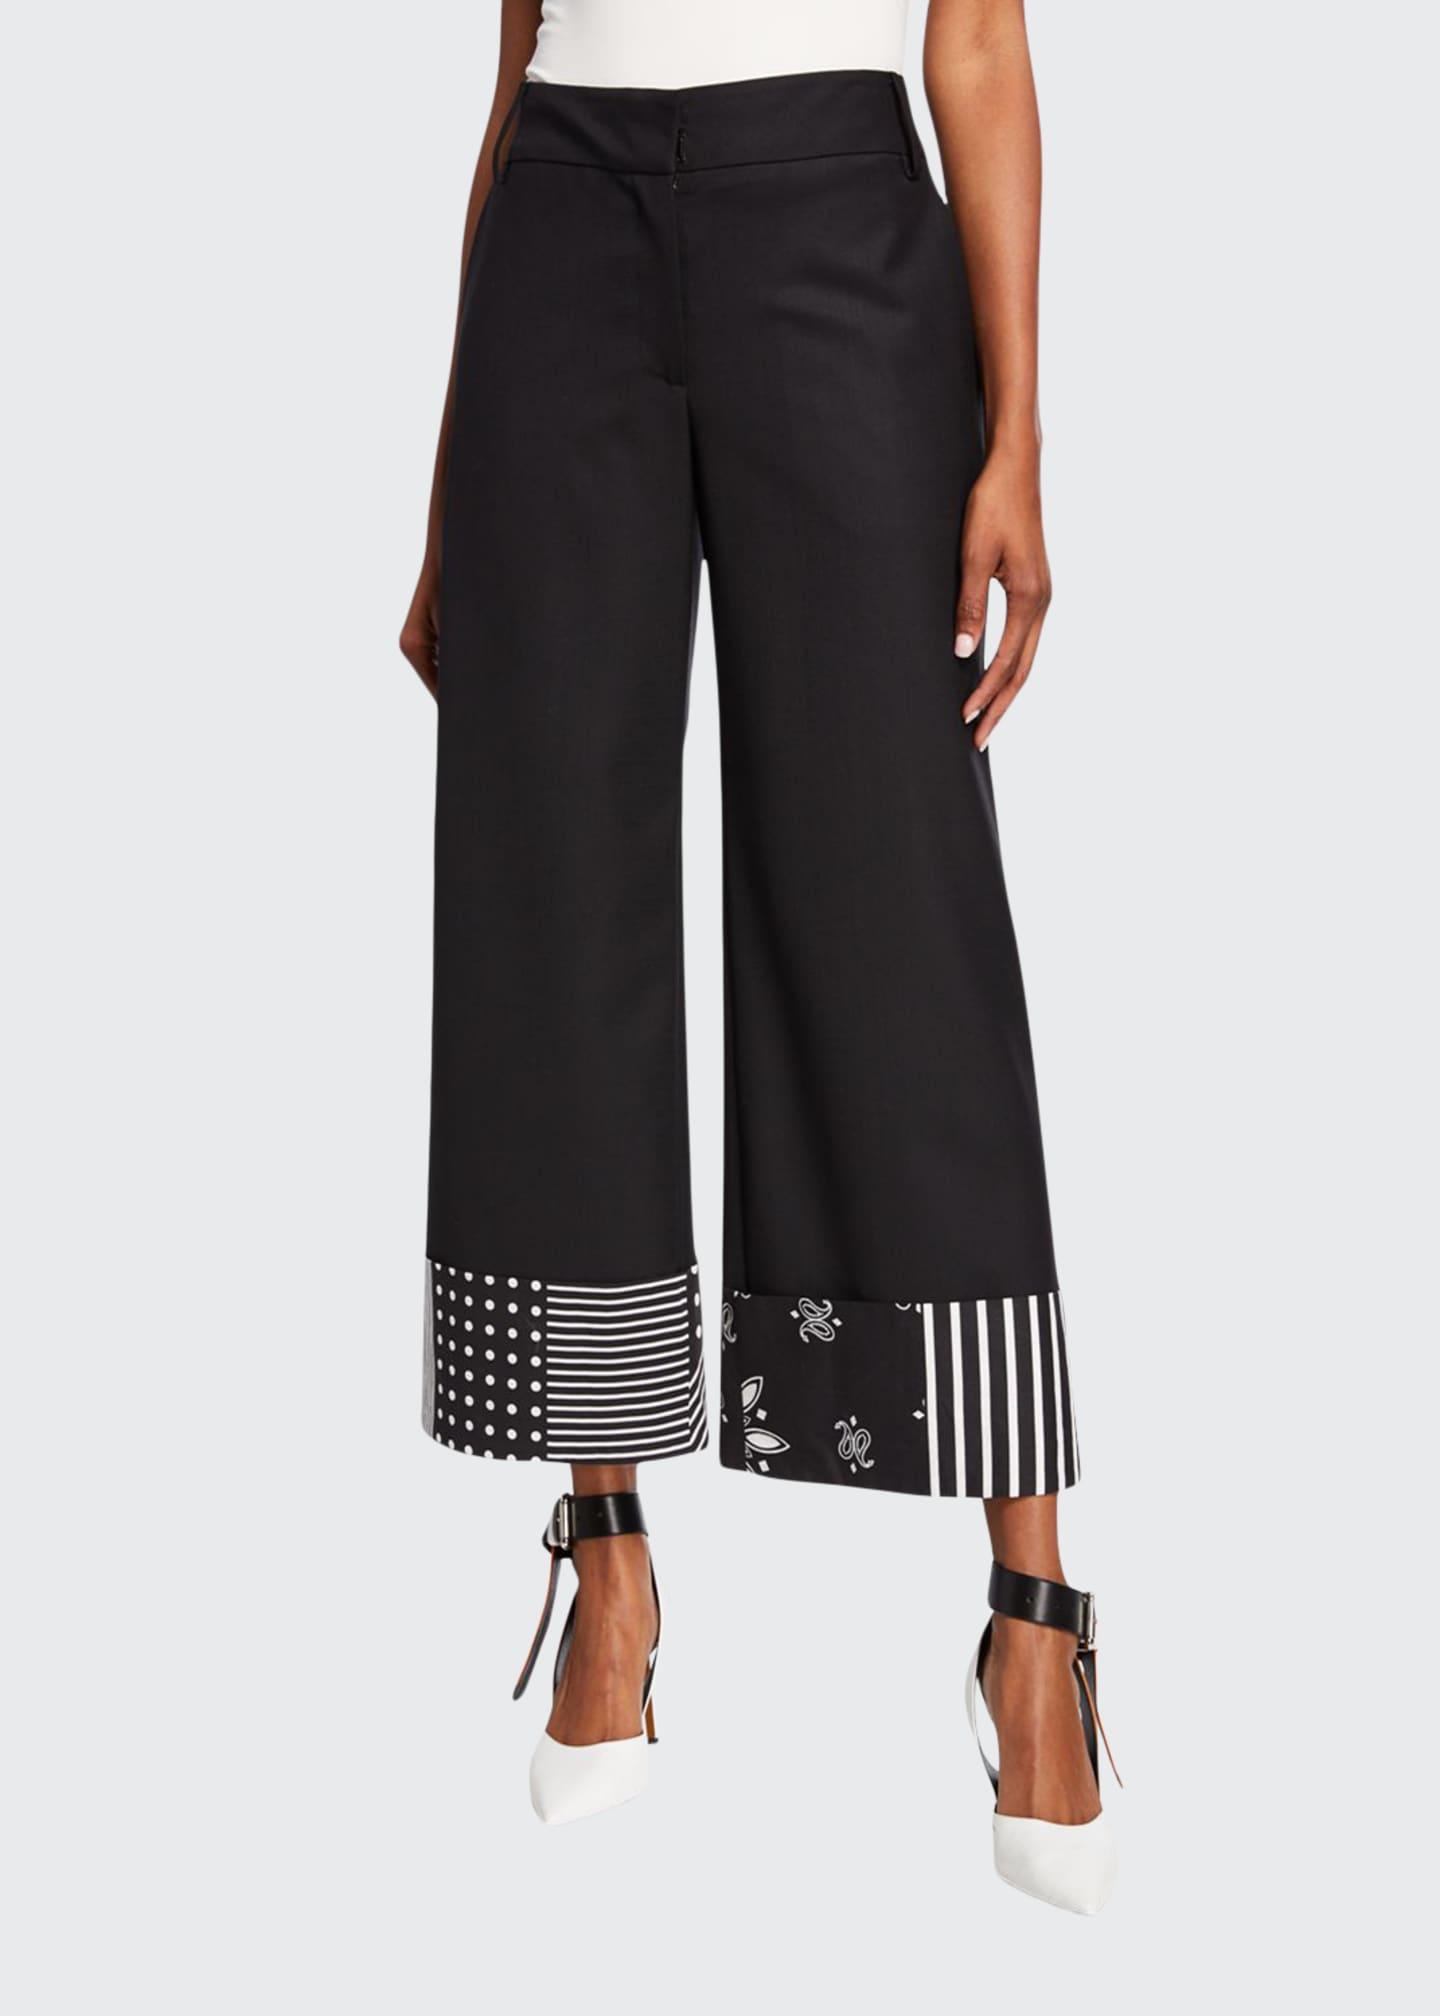 Monse Bandana-Print Cuff Trousers